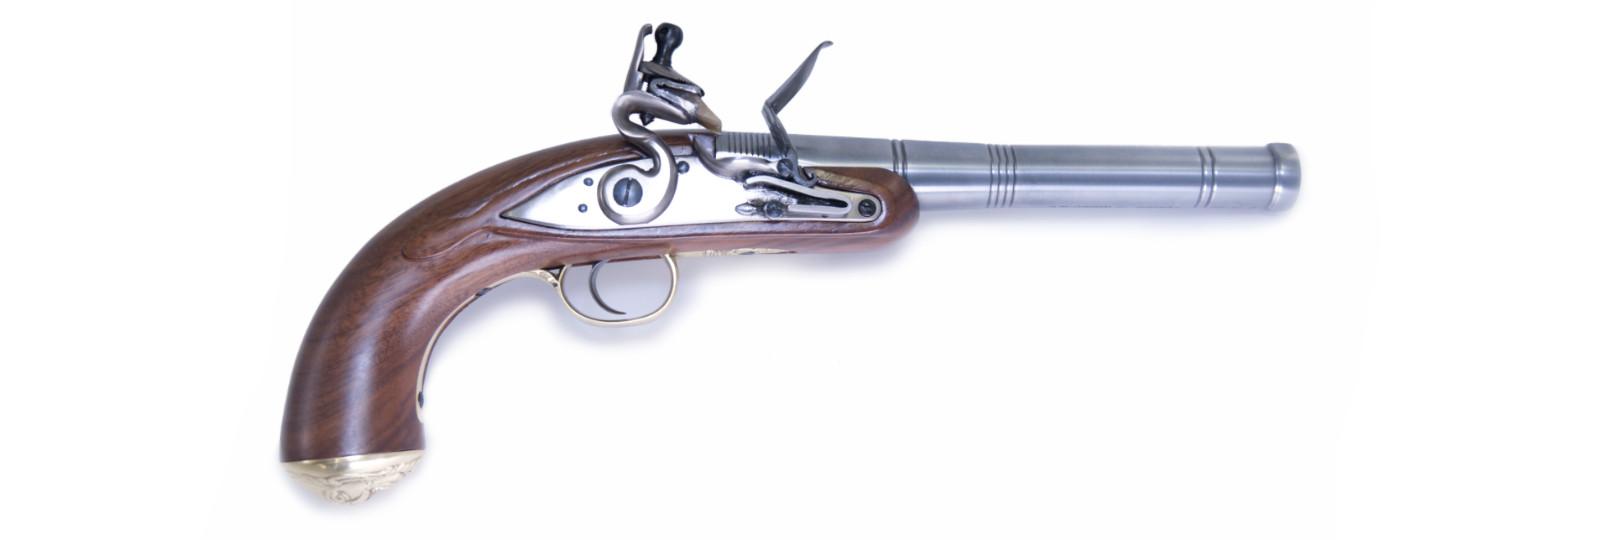 Pistola Queen Anne